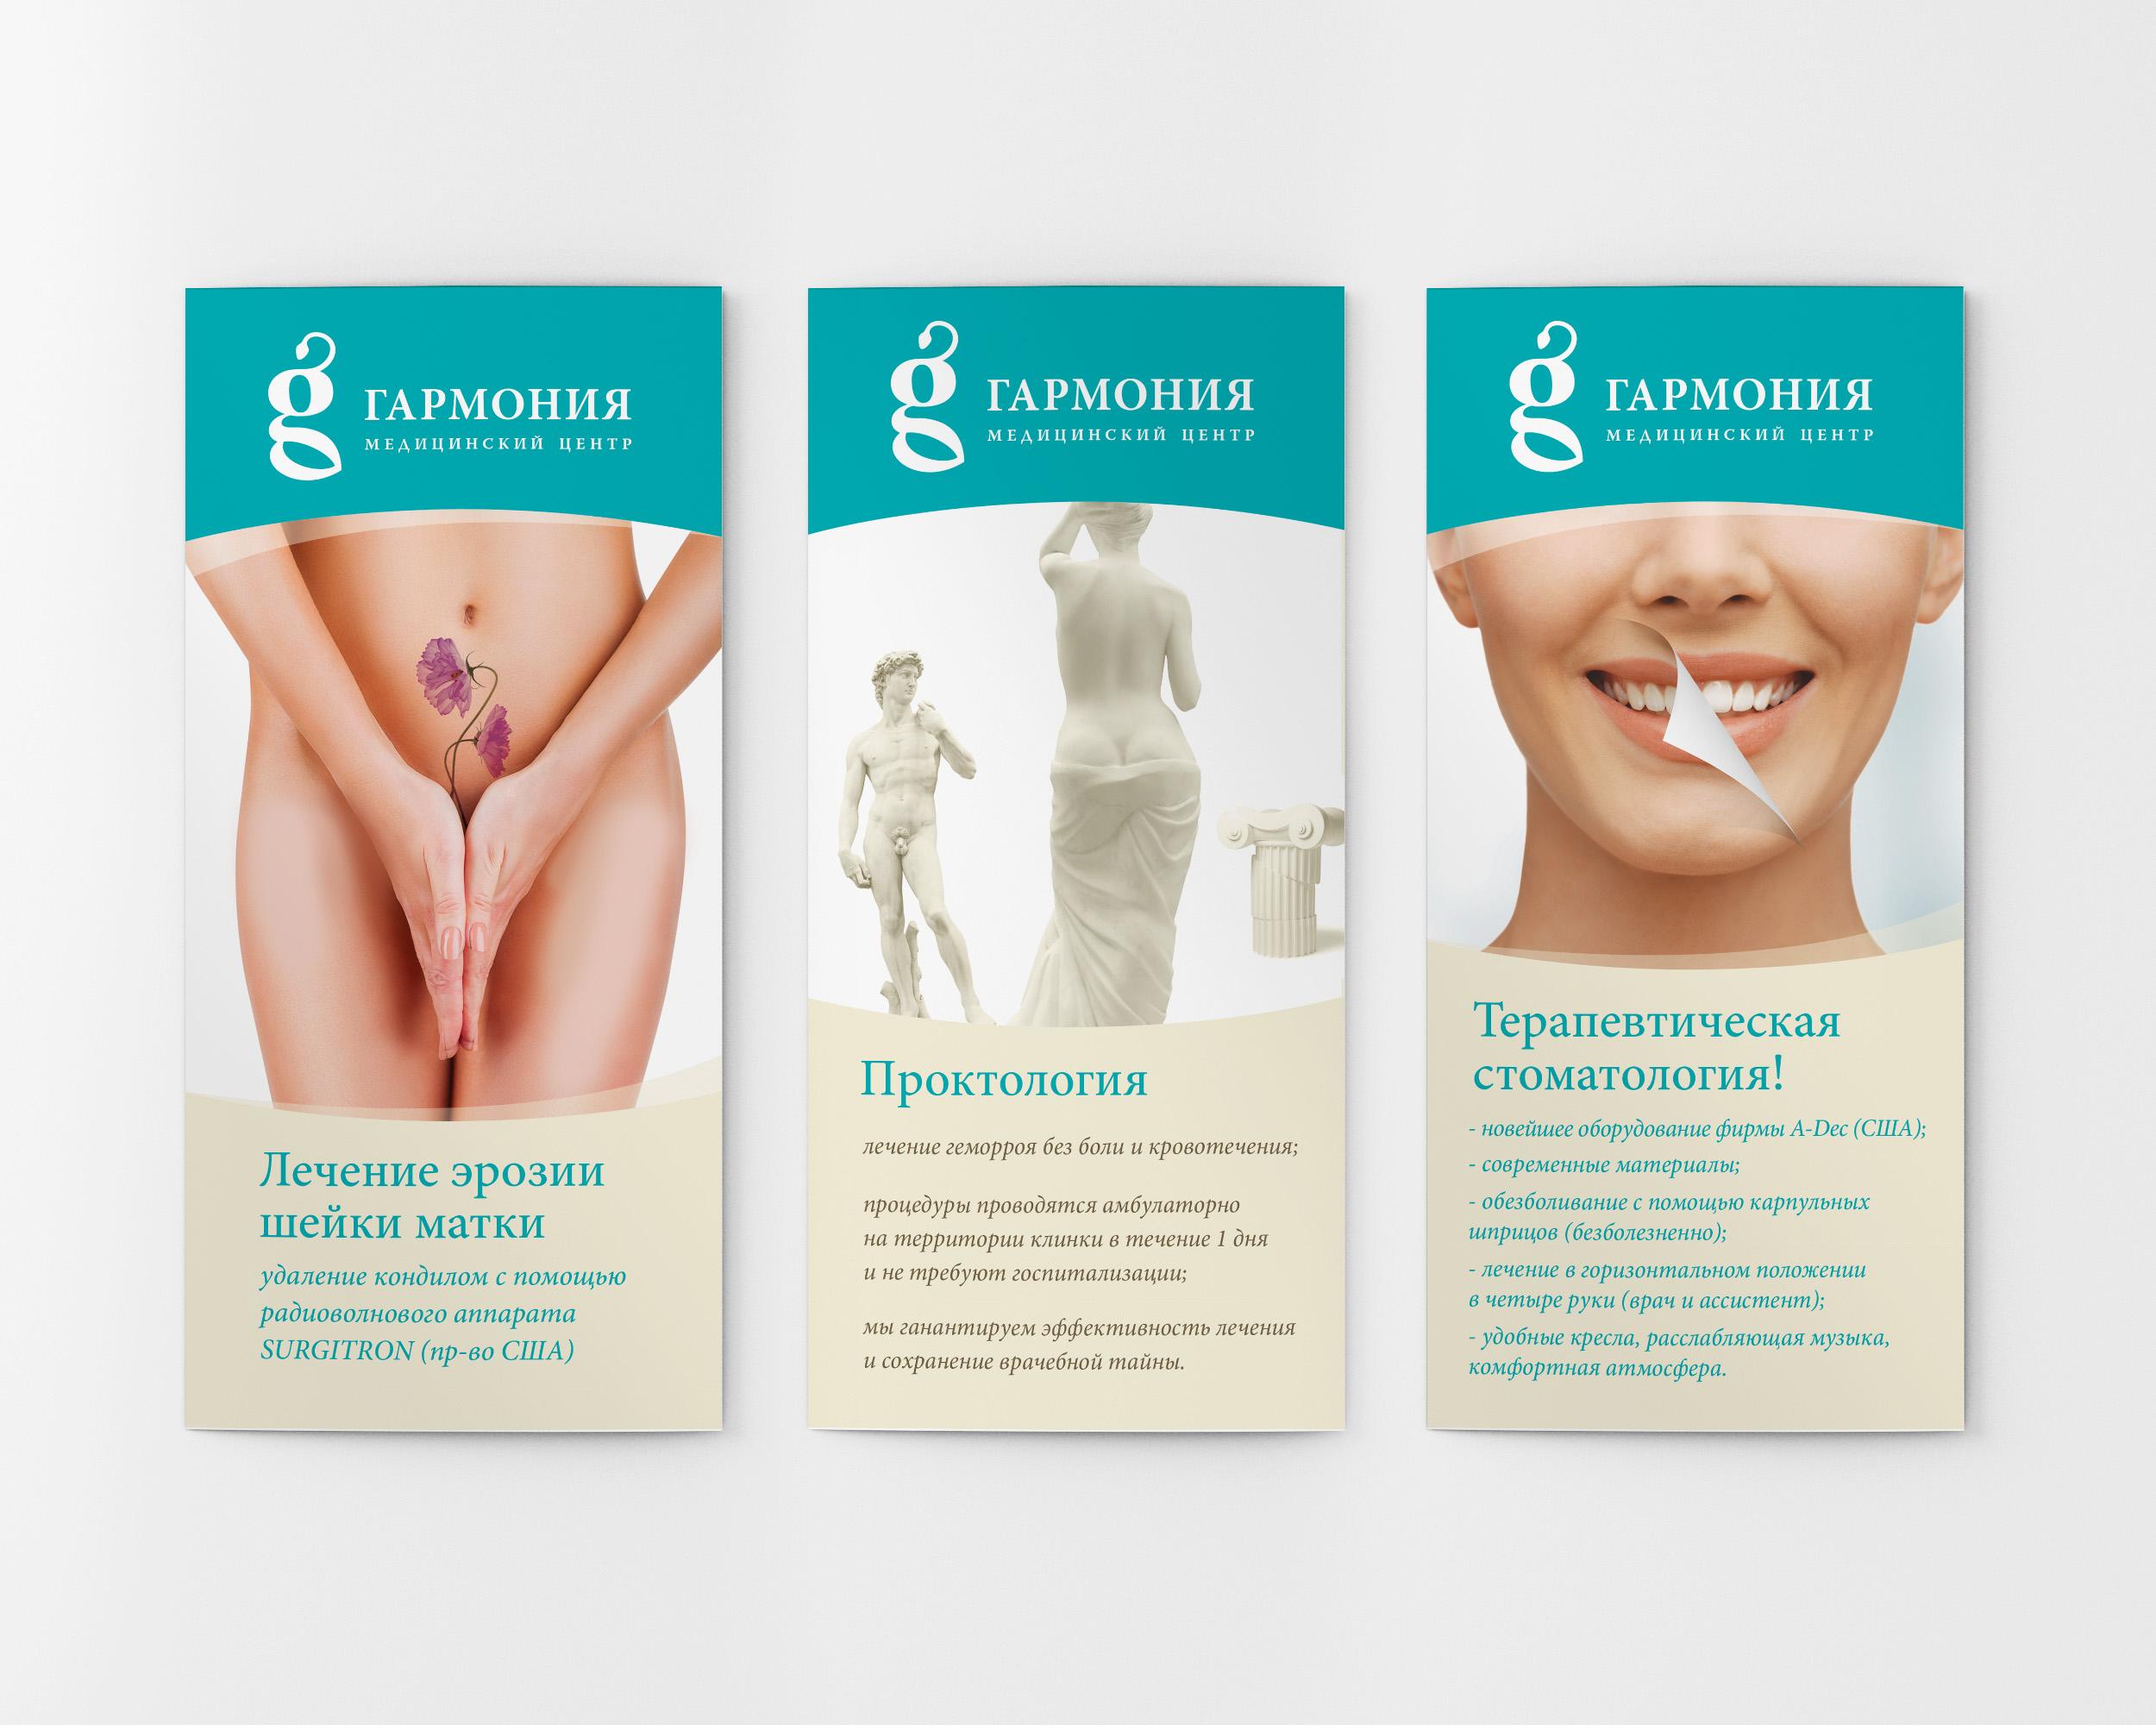 макет медицинской брошюры